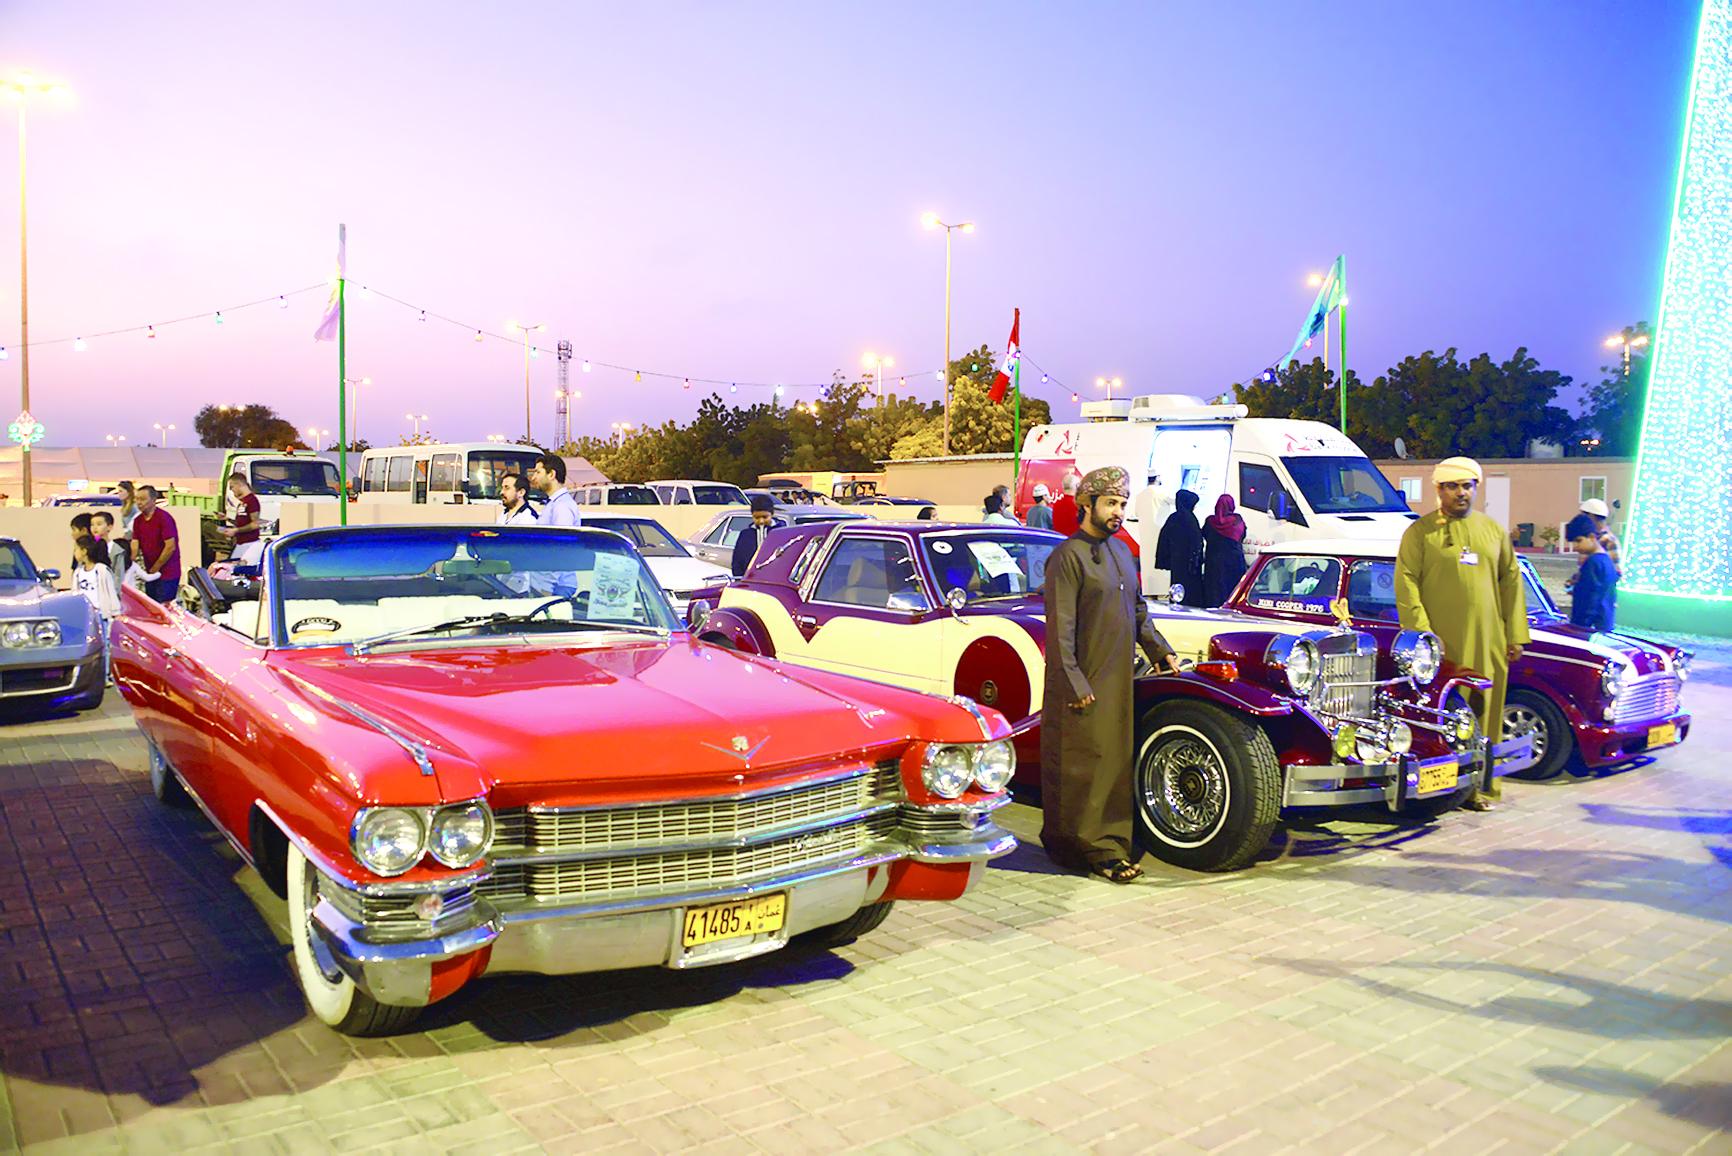 لأول مرة في مهرجان مسقطمعرض للسيارات «الكلاسيكية» في متنزه النسيم